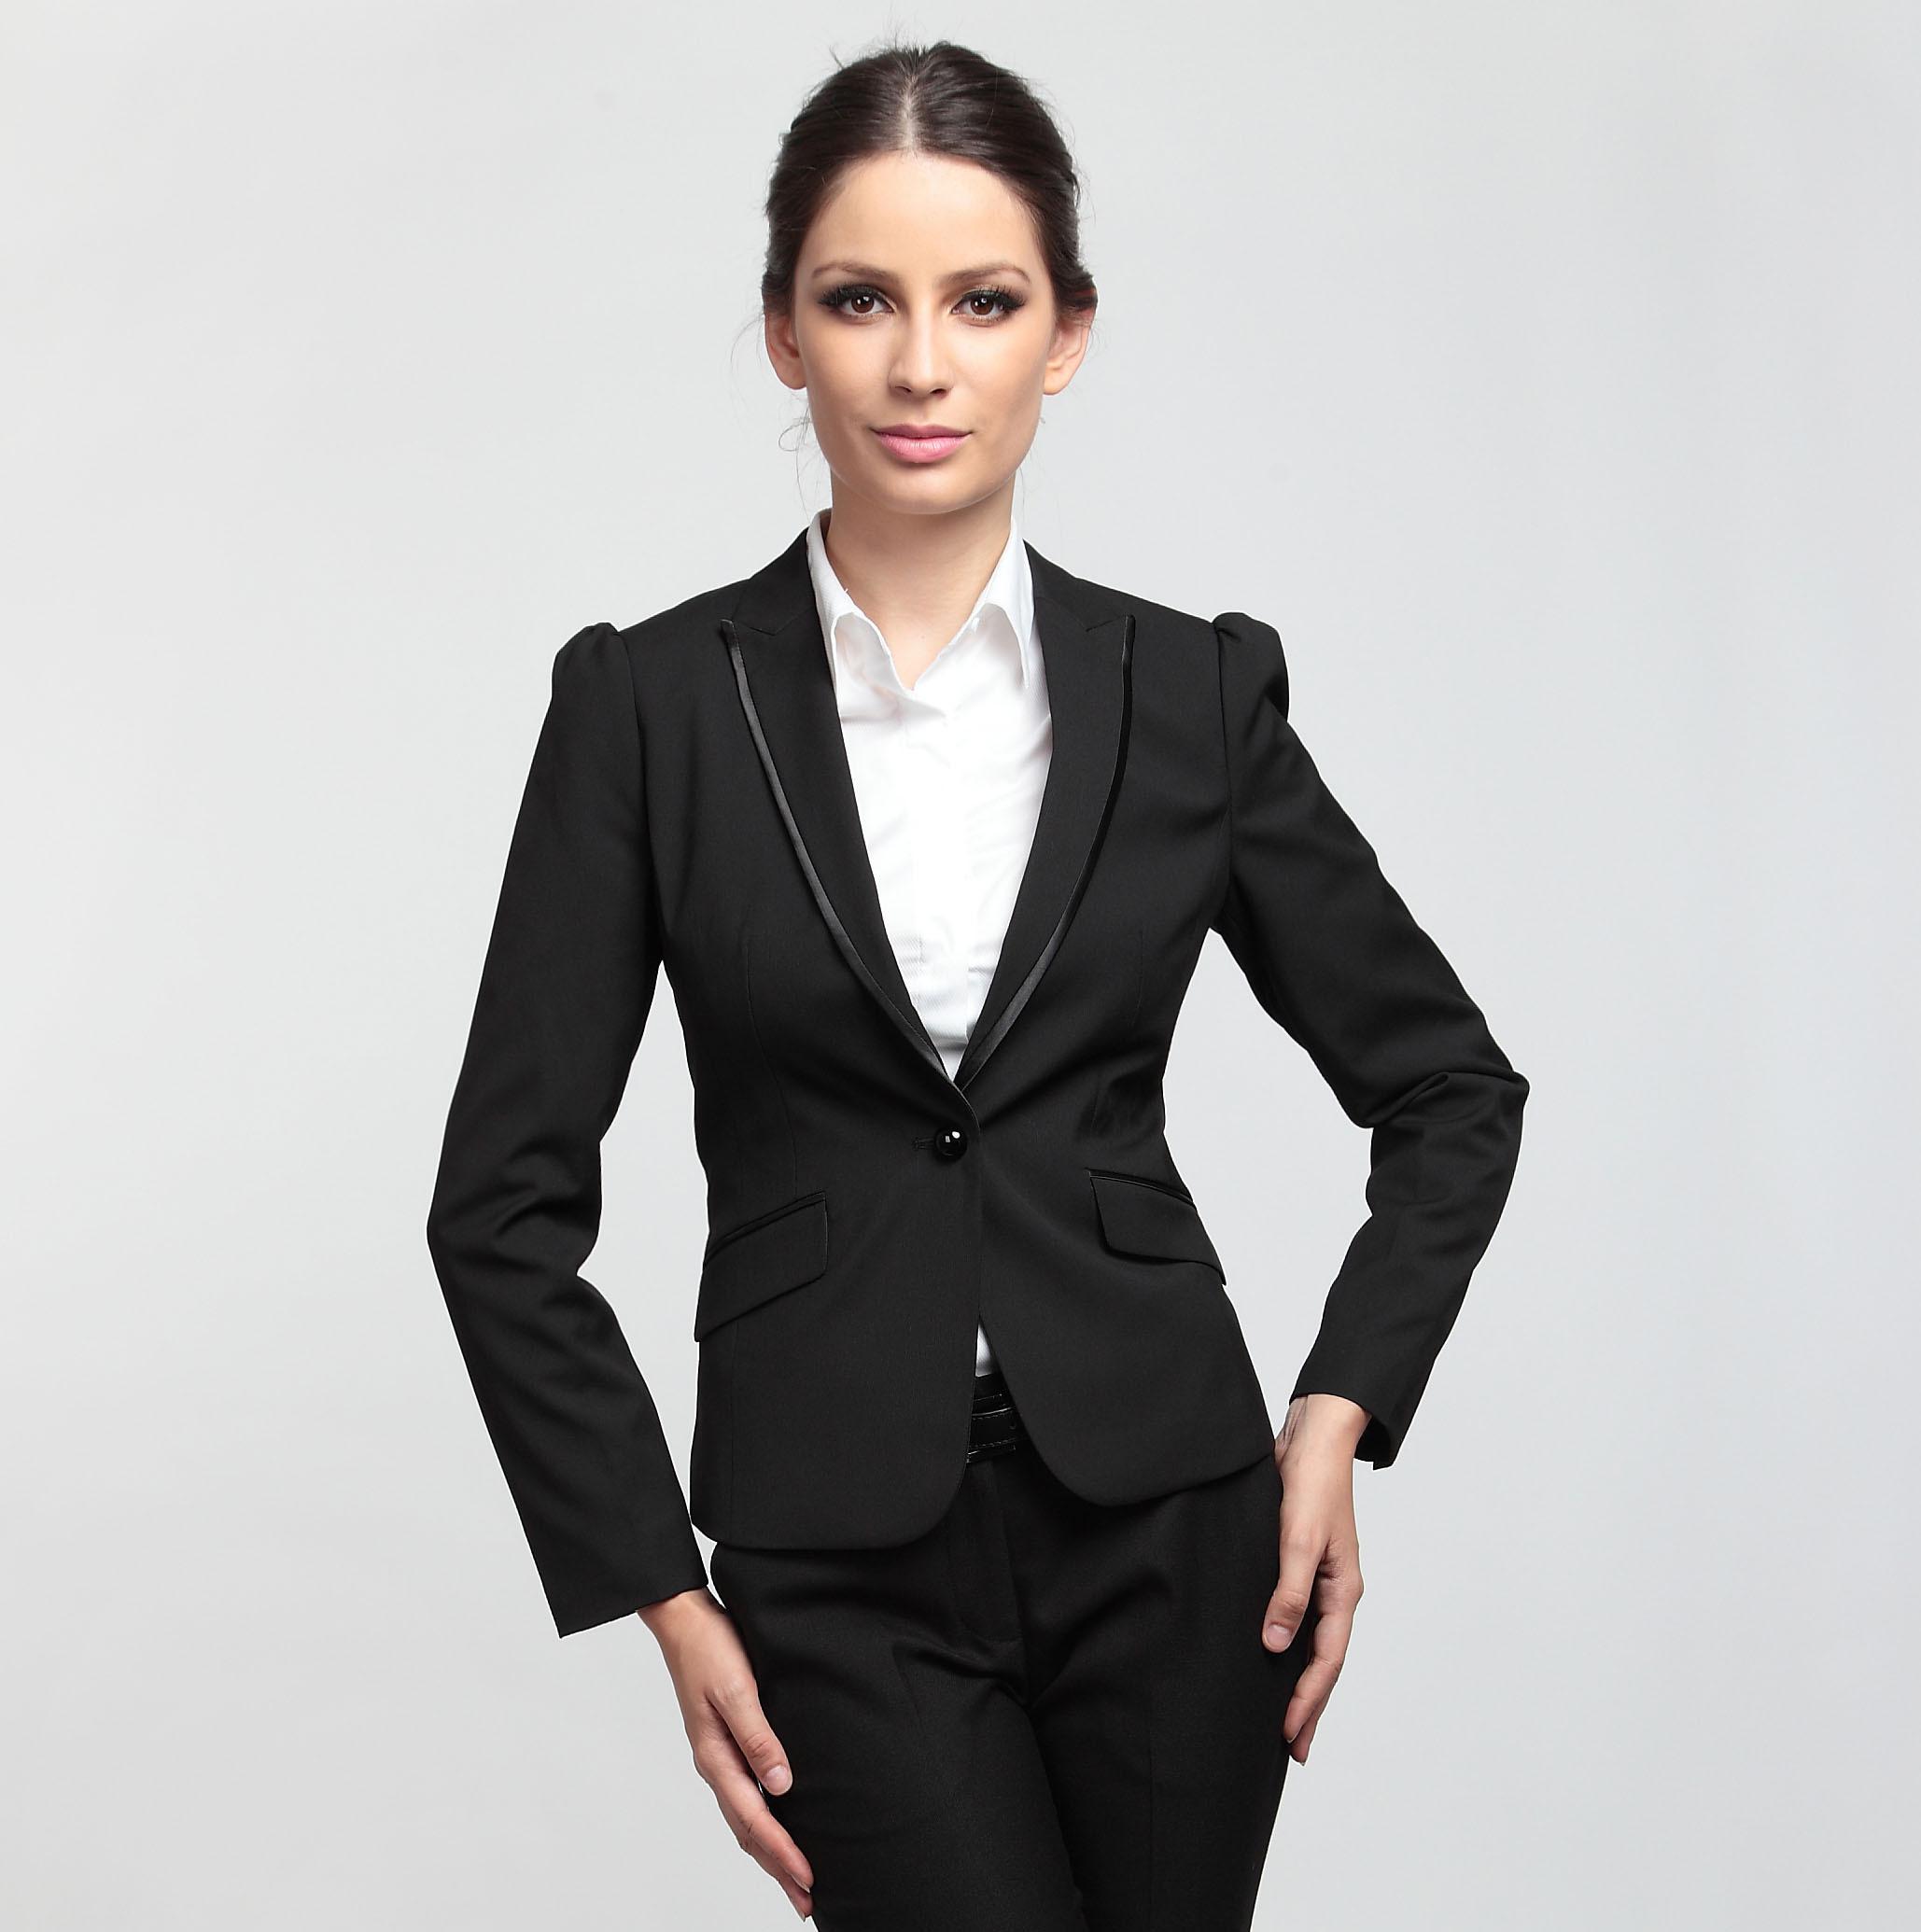 W94/g2000女西装秋冬女装西装套装 时尚竖纹免烫修身小西装外套女